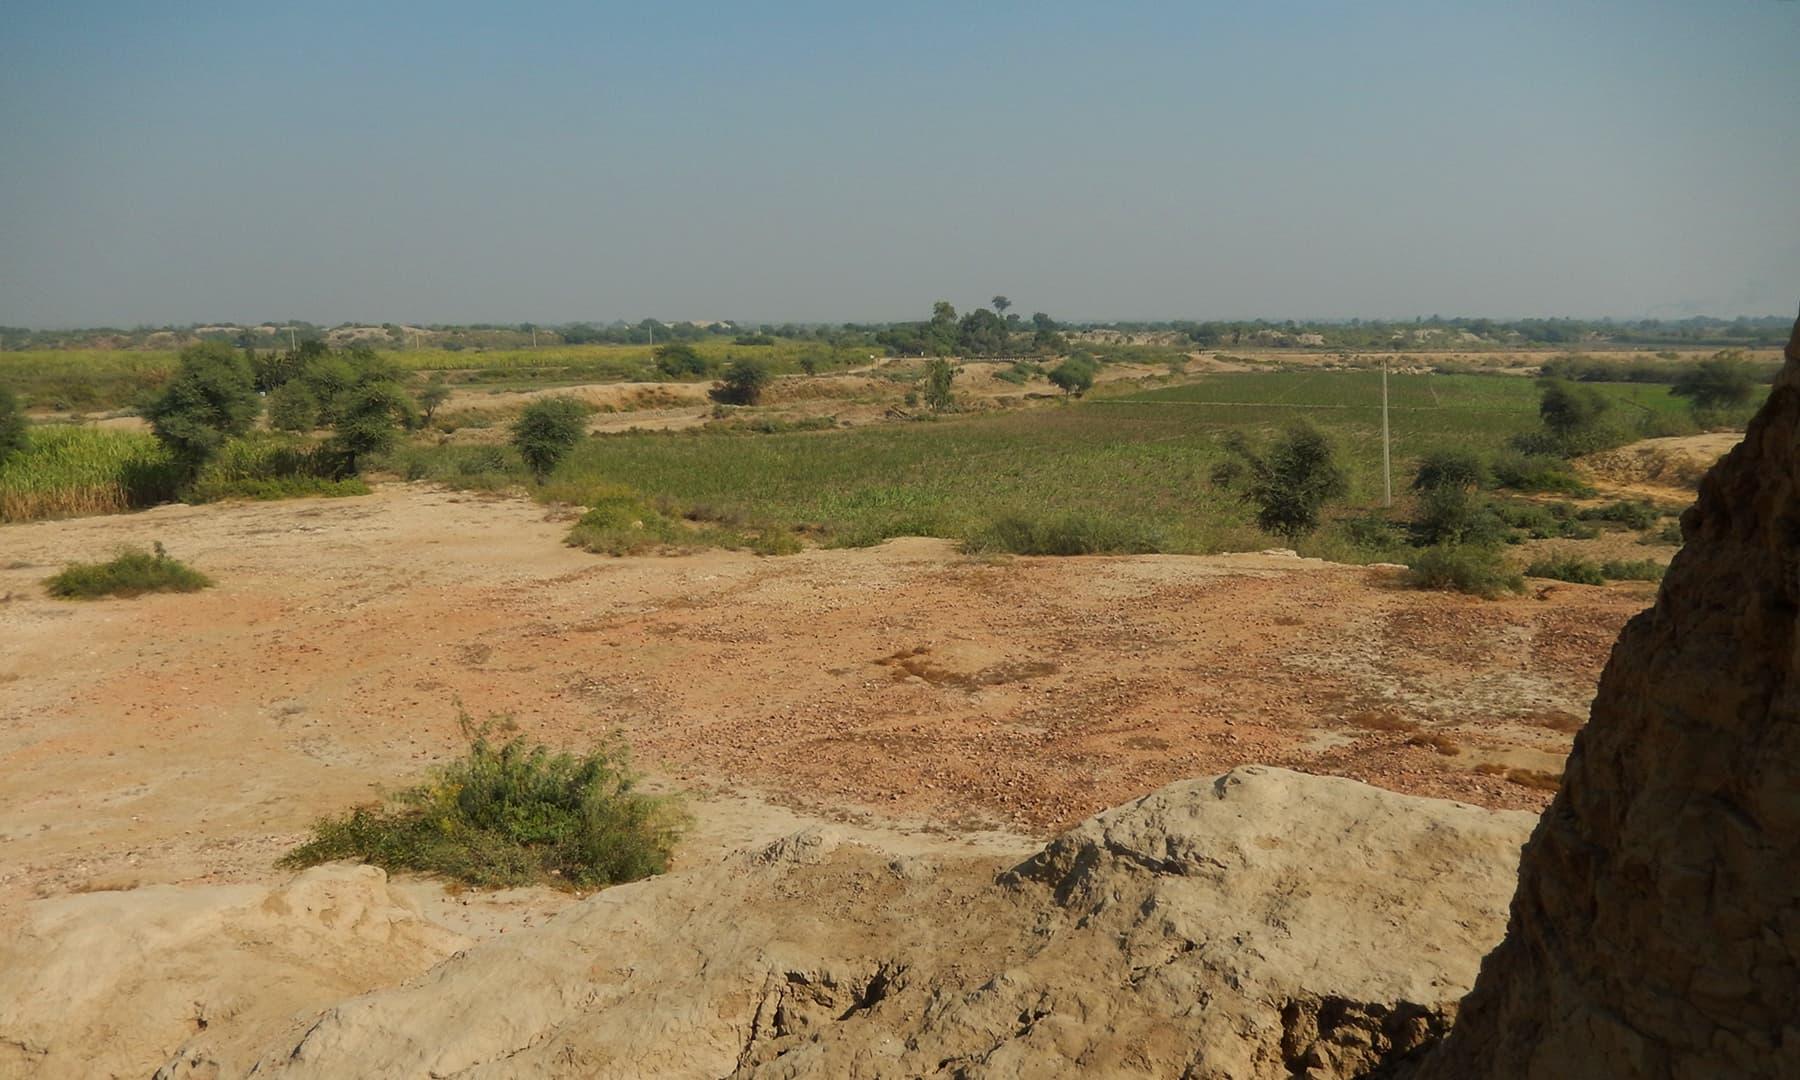 بدھ اسٹوپا کی آثار قدیمہ سائٹ پر اگائے جانے والے کھیت— تصویر ابوبکر شیخ